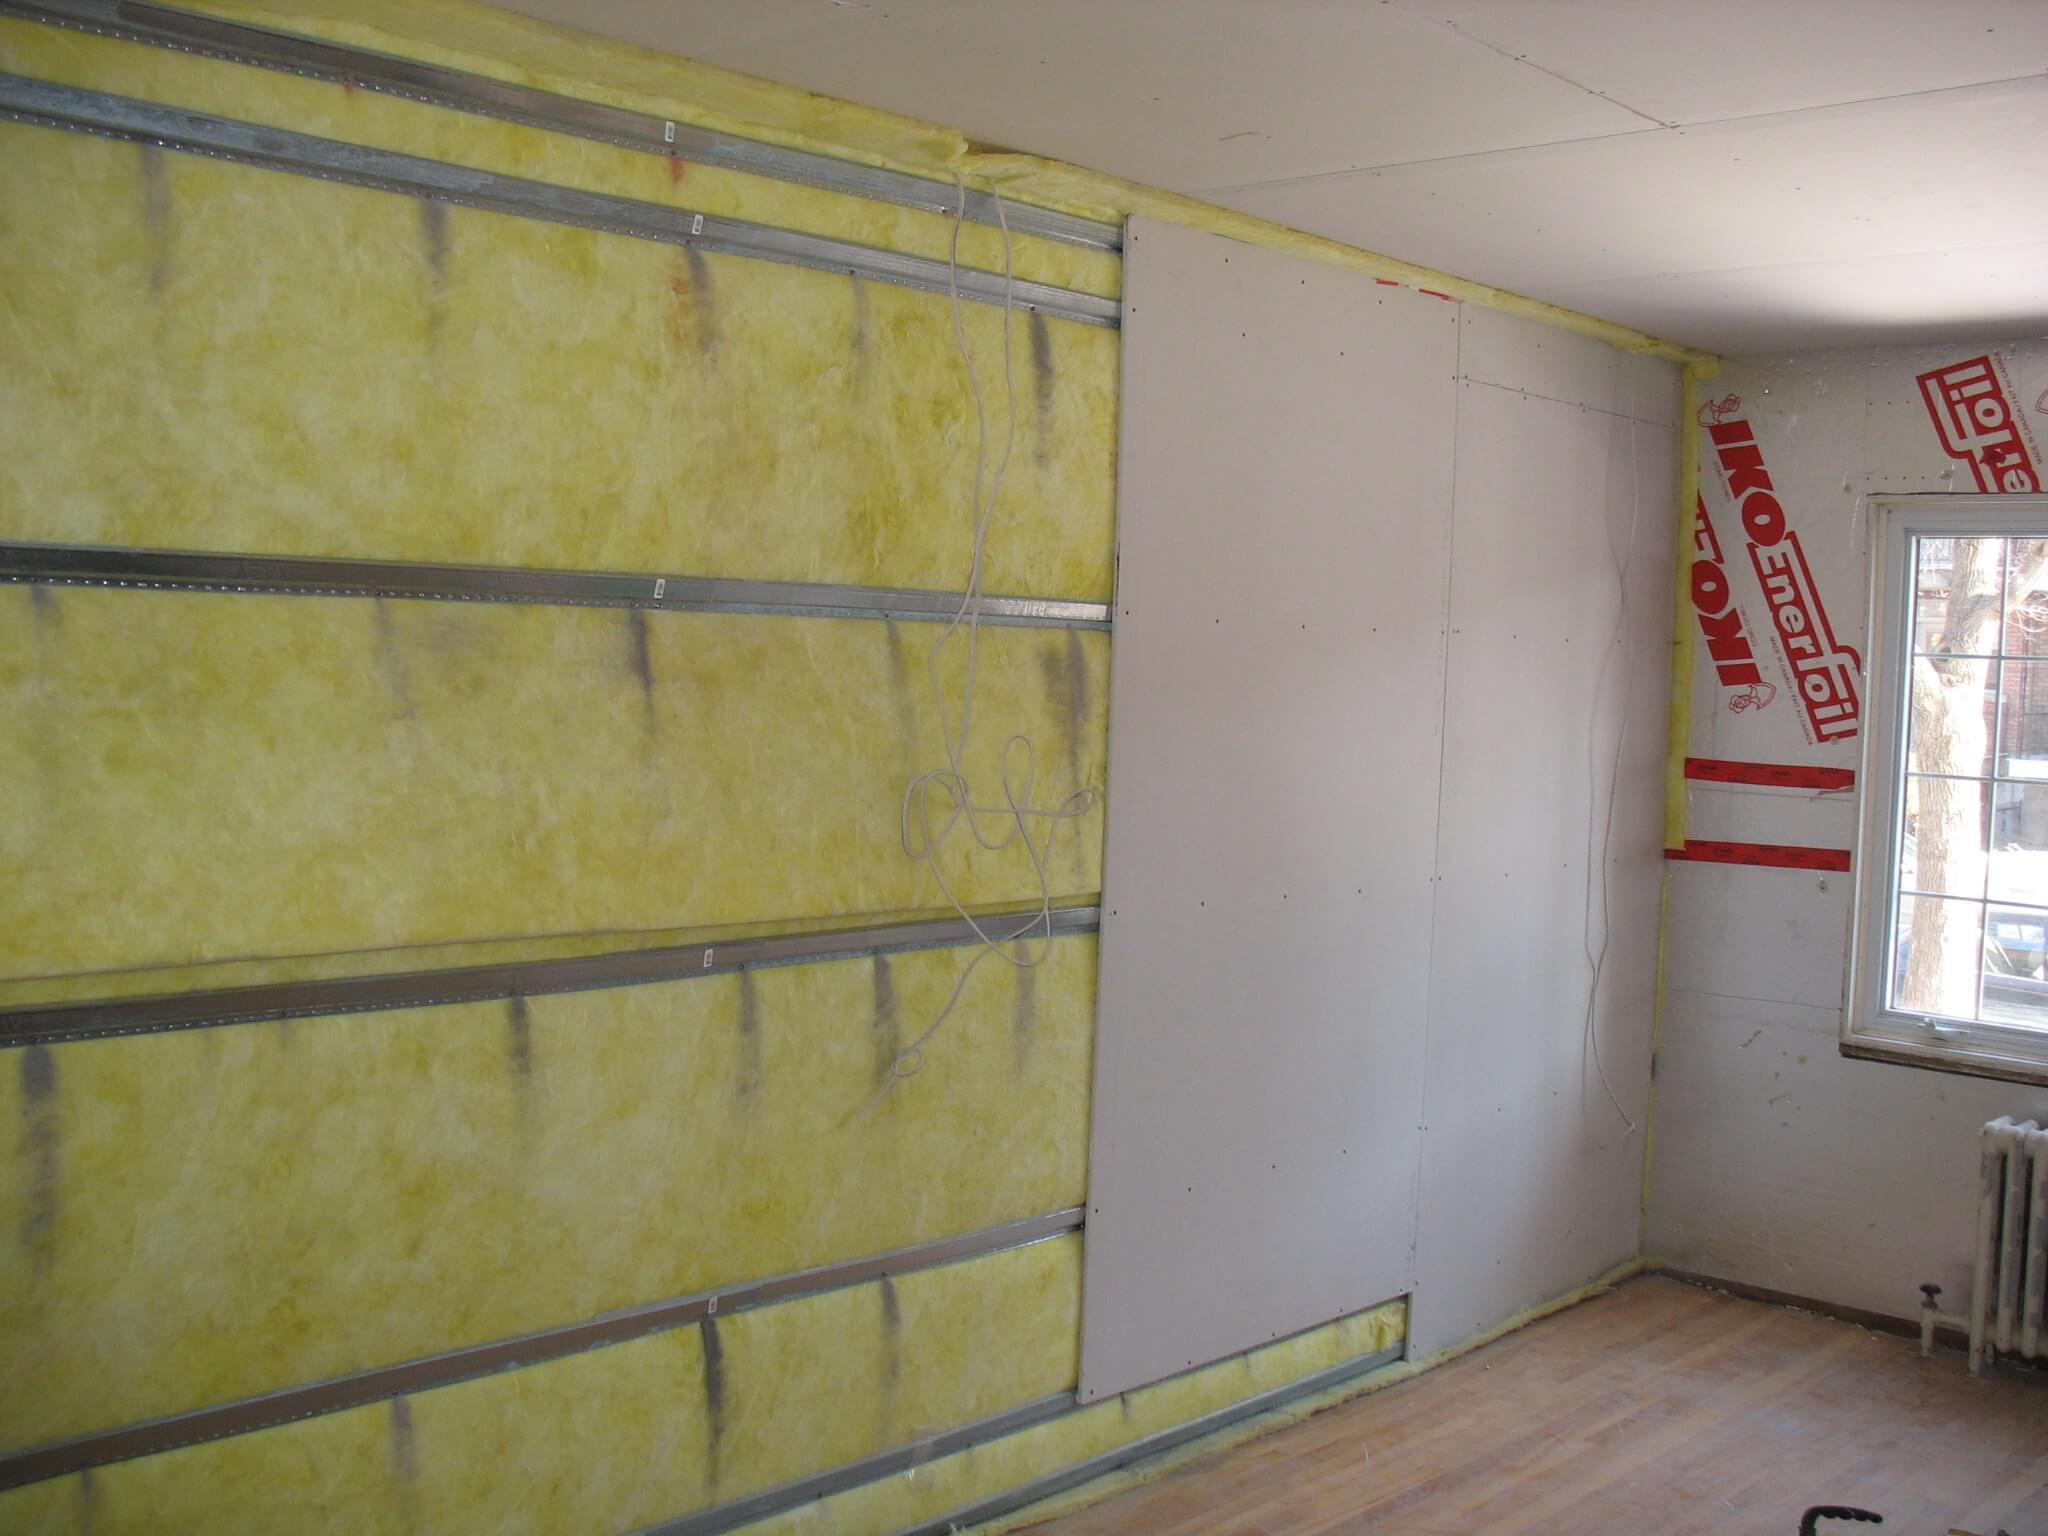 Шумоизоляция стен в квартире от соседей сбоку